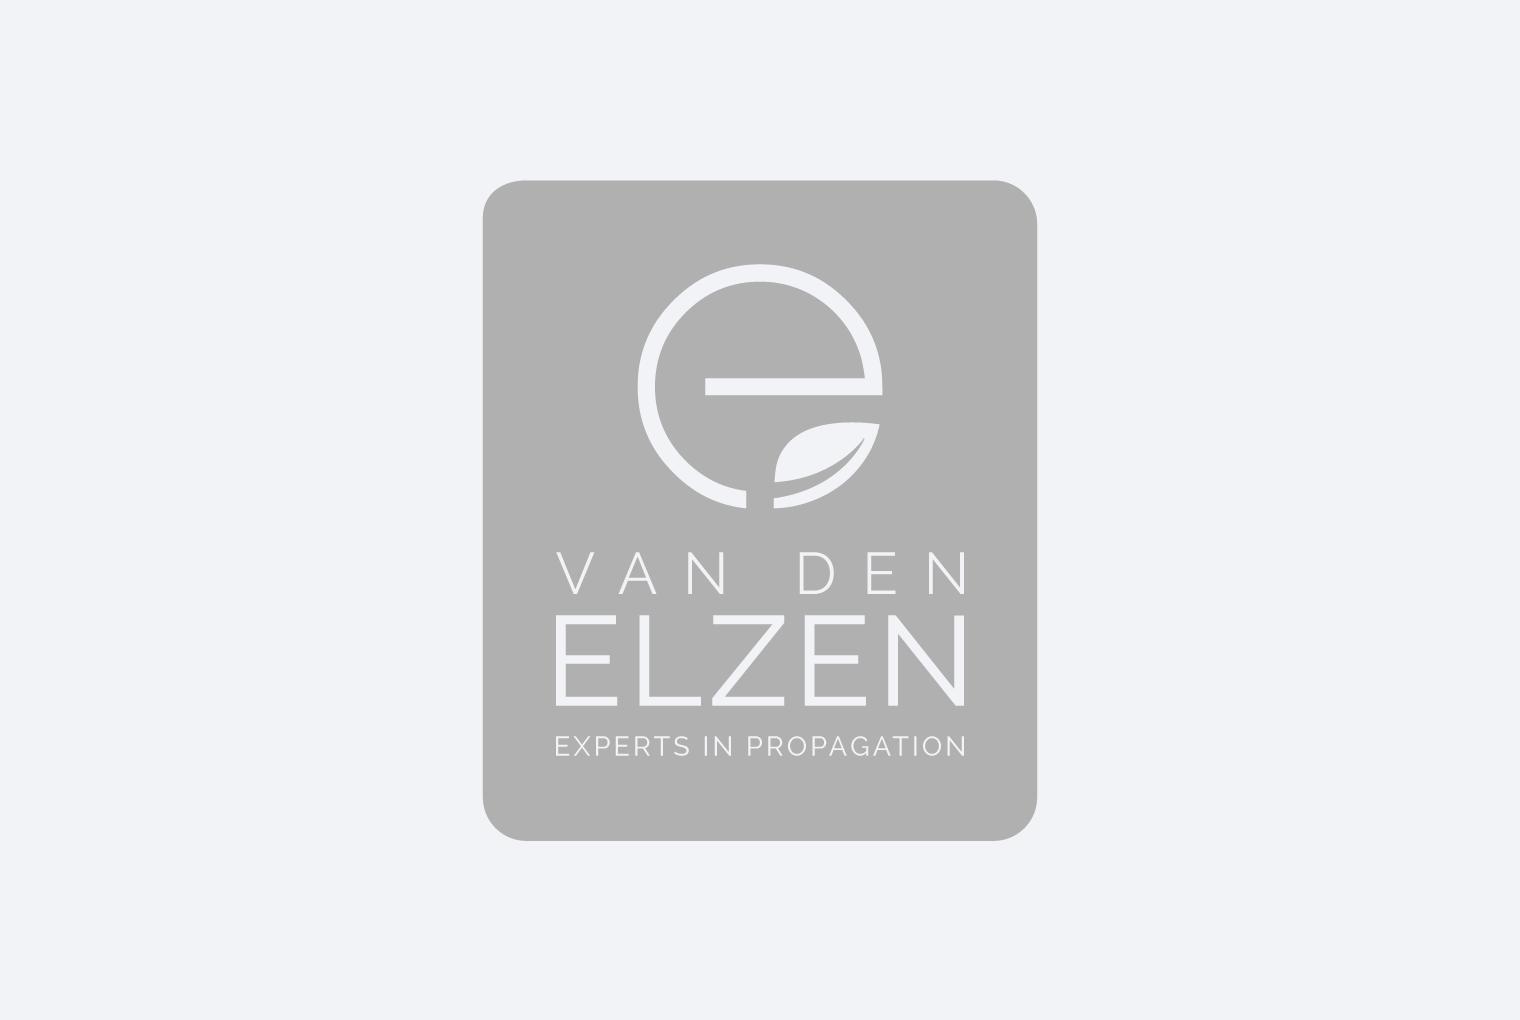 Questo werkt voor Van den Elzen Plants - Gevelreclame